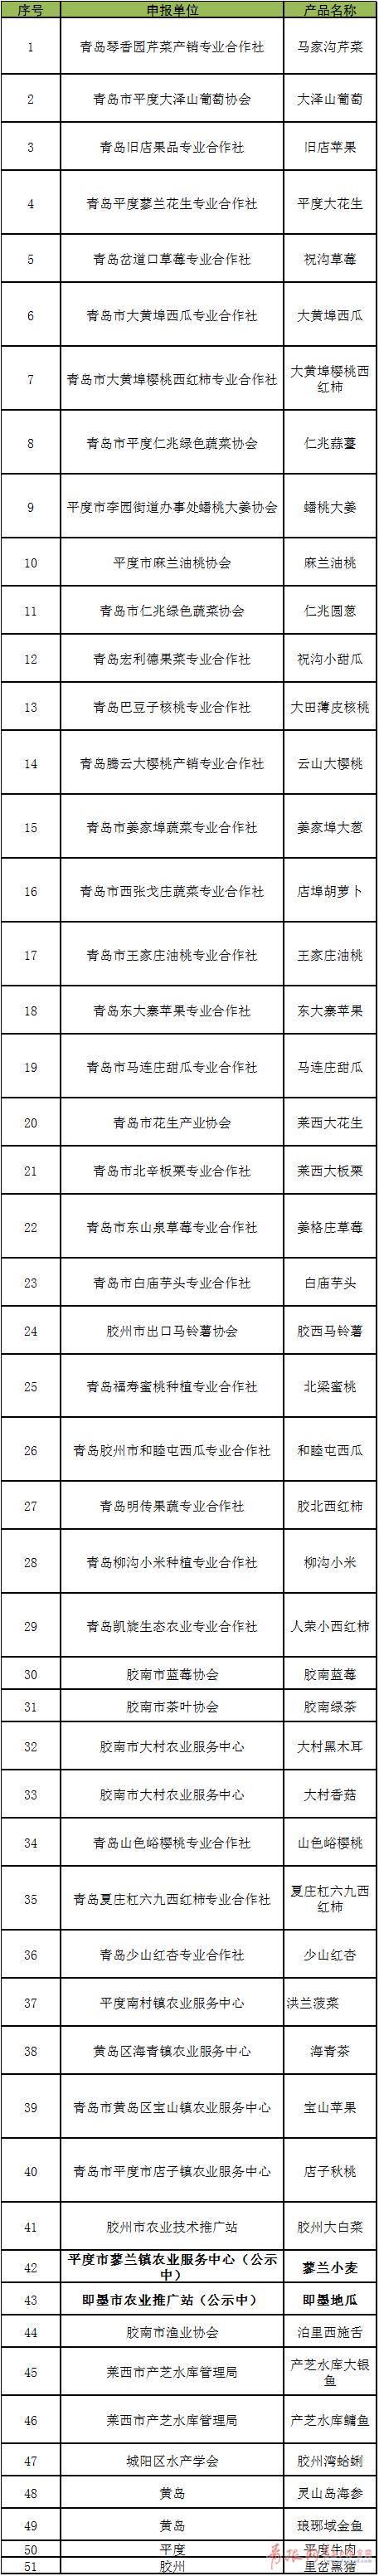 """青岛涉农产品商标超1.9万个 10个品牌""""全国驰名"""""""